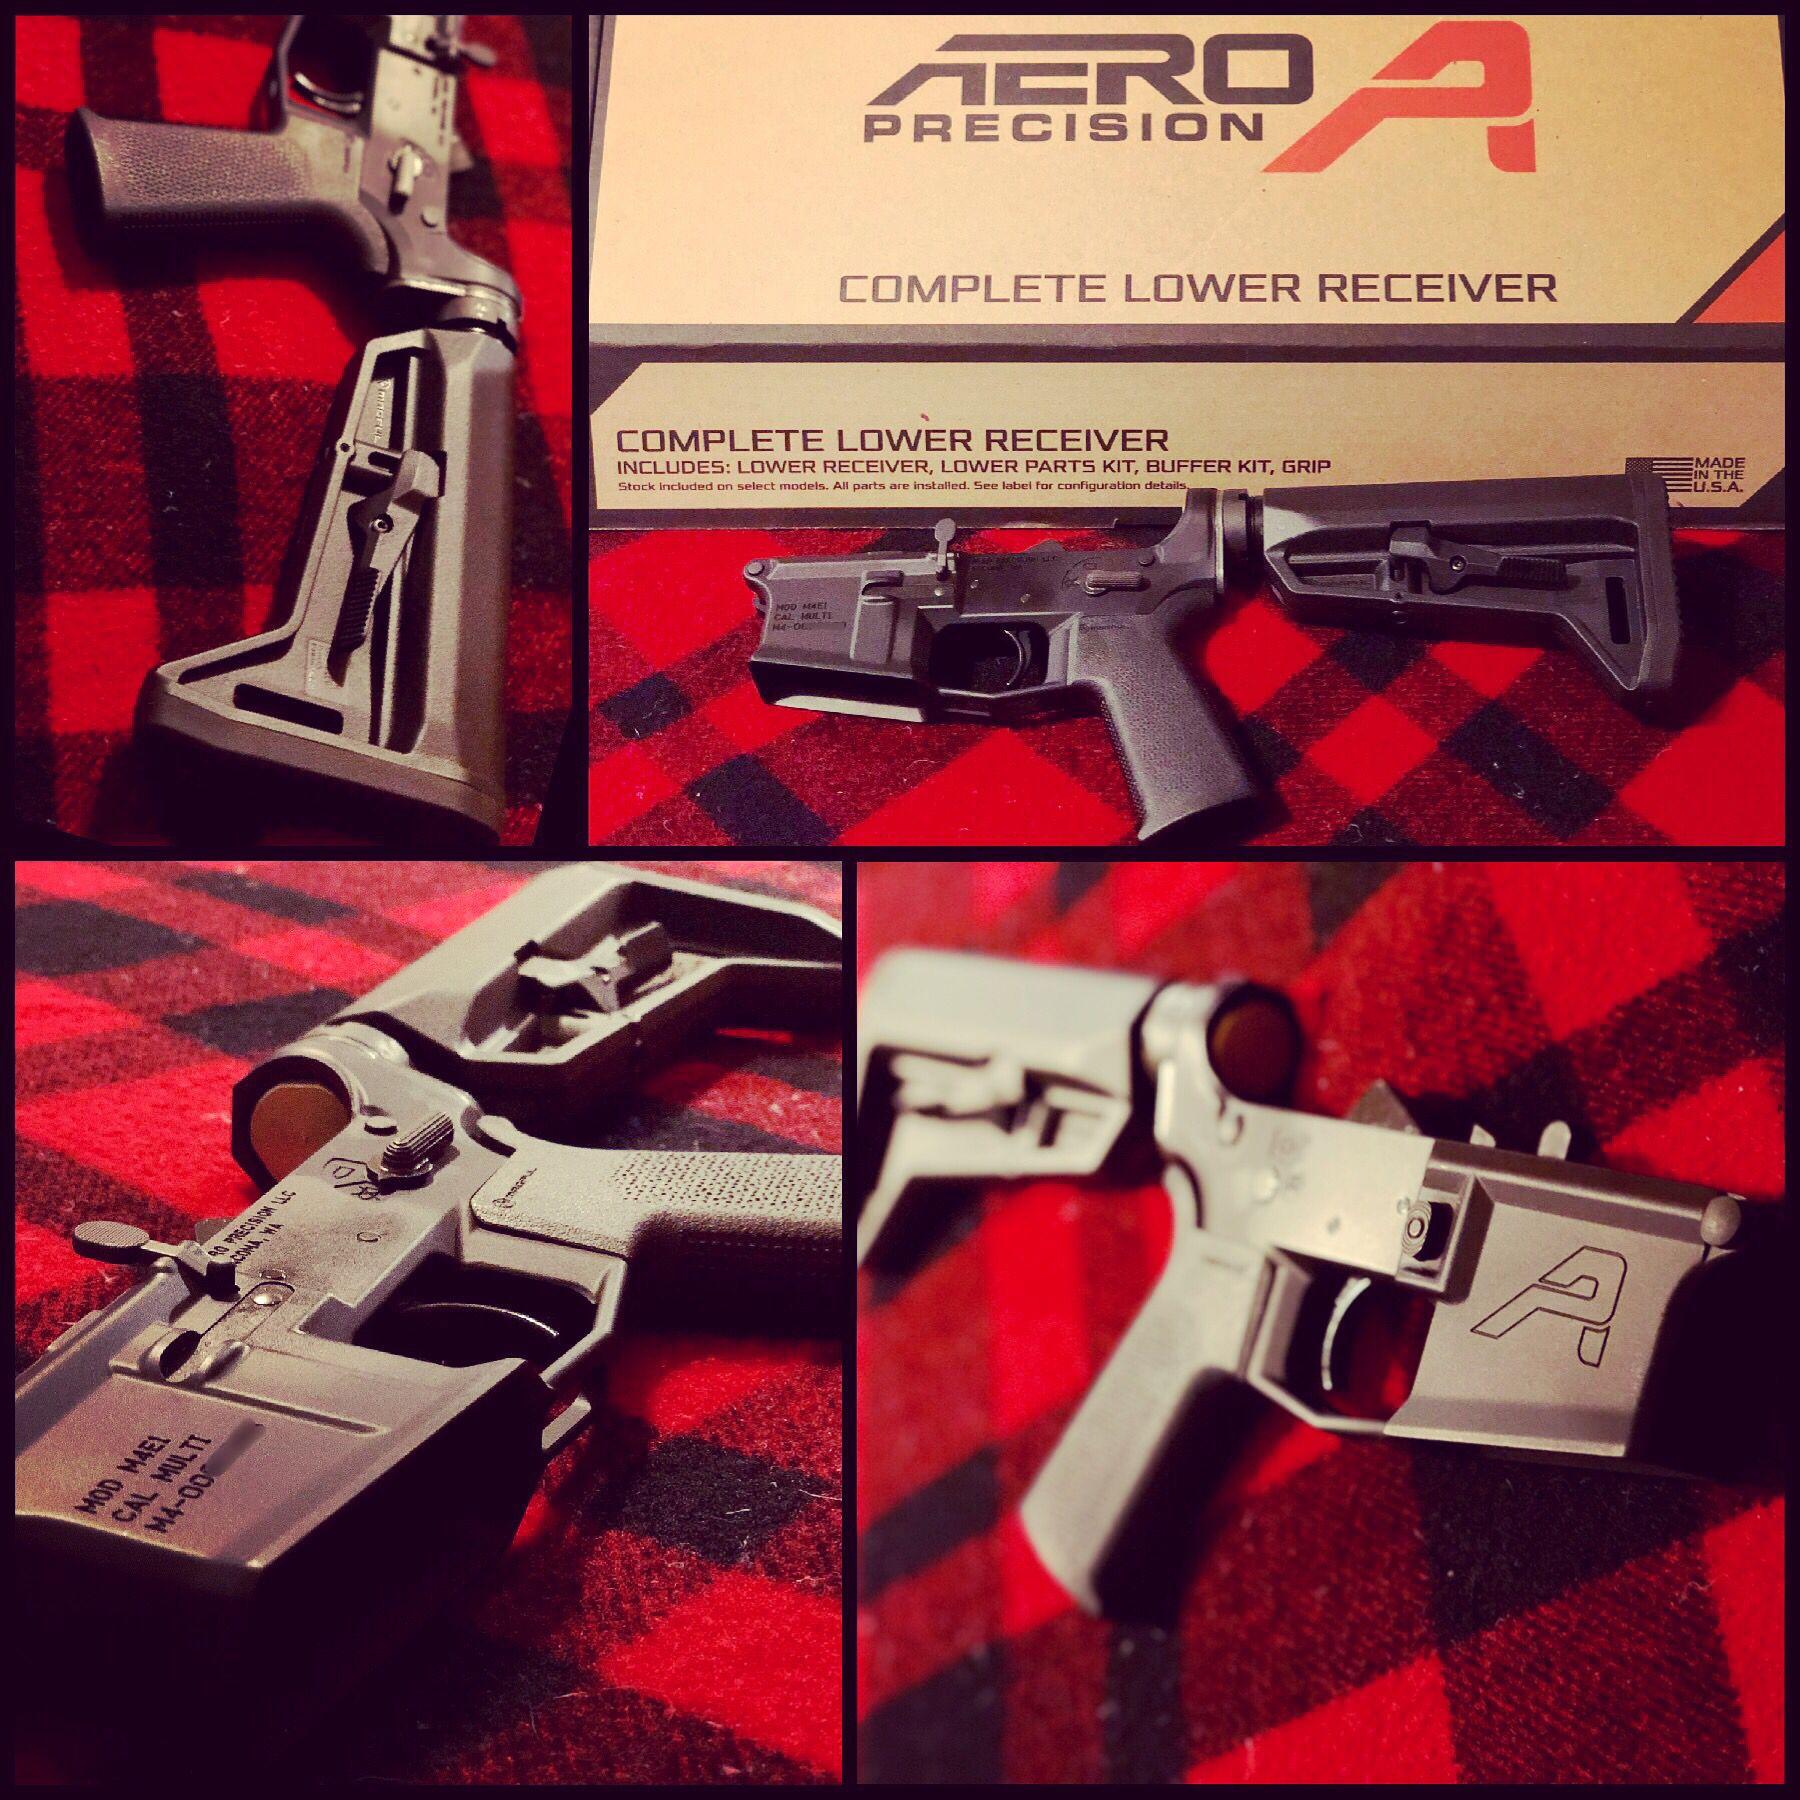 Aero precision m4e1 complete lower receiver w/moe sl grip